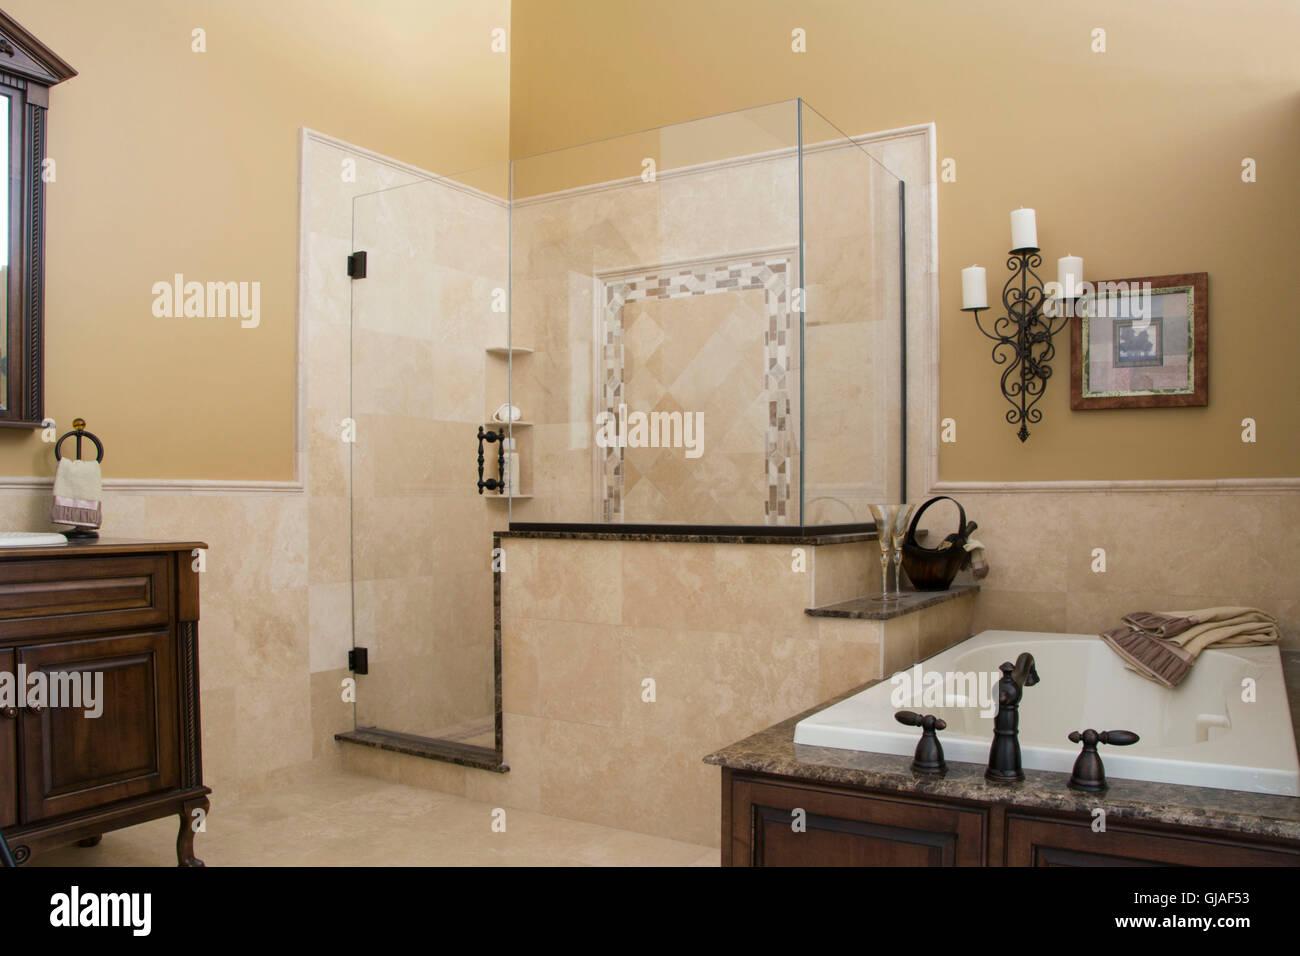 Modernes Badezimmer Dusche Waschtisch und Badewanne Stockfoto, Bild ...